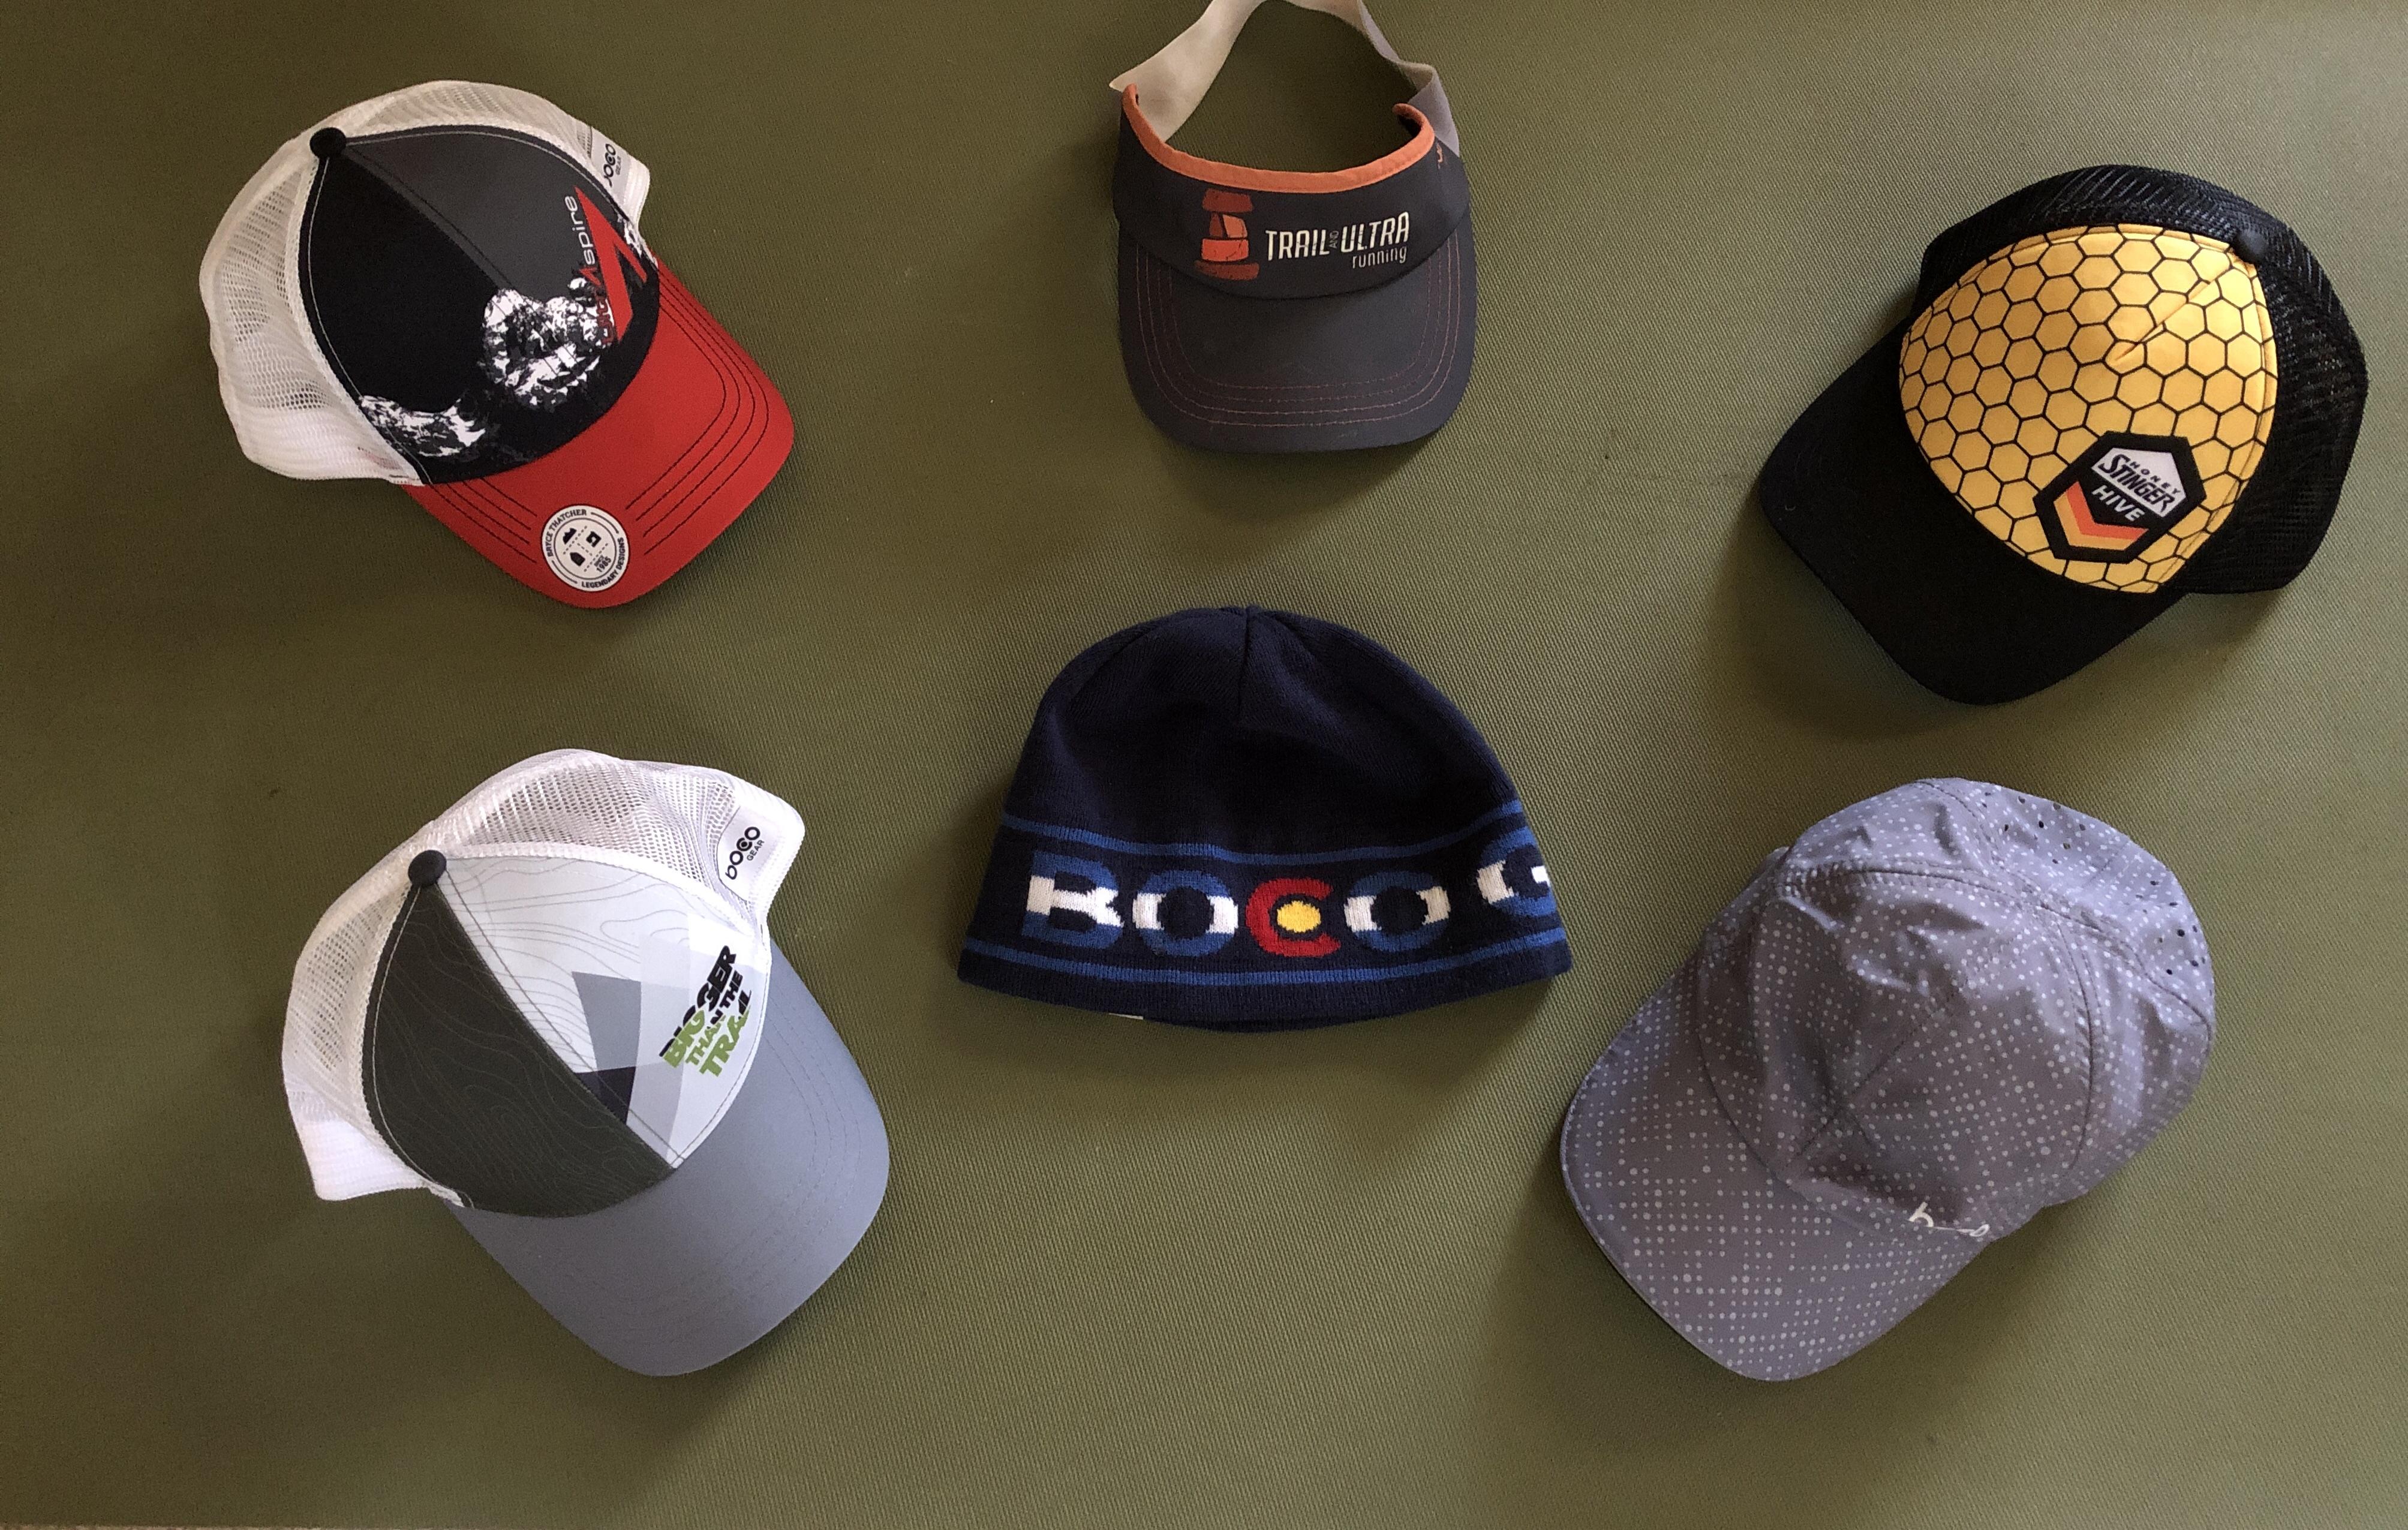 342128a02 Boco Gear headwear is tops